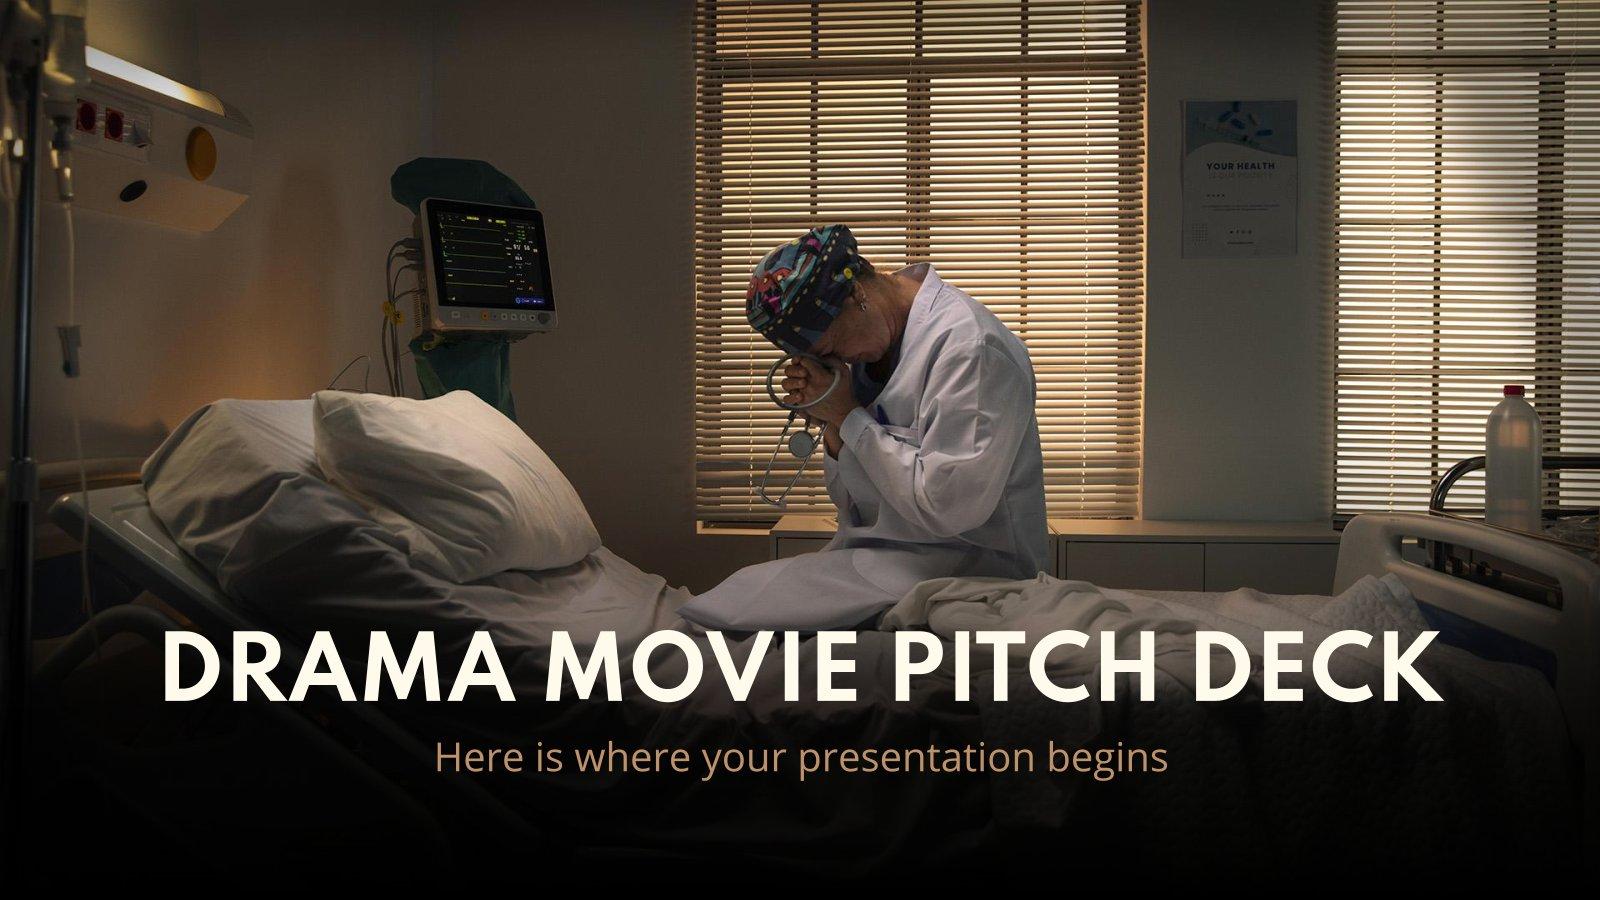 Pitch Deck pour des films dramatiques : Modèles de présentation